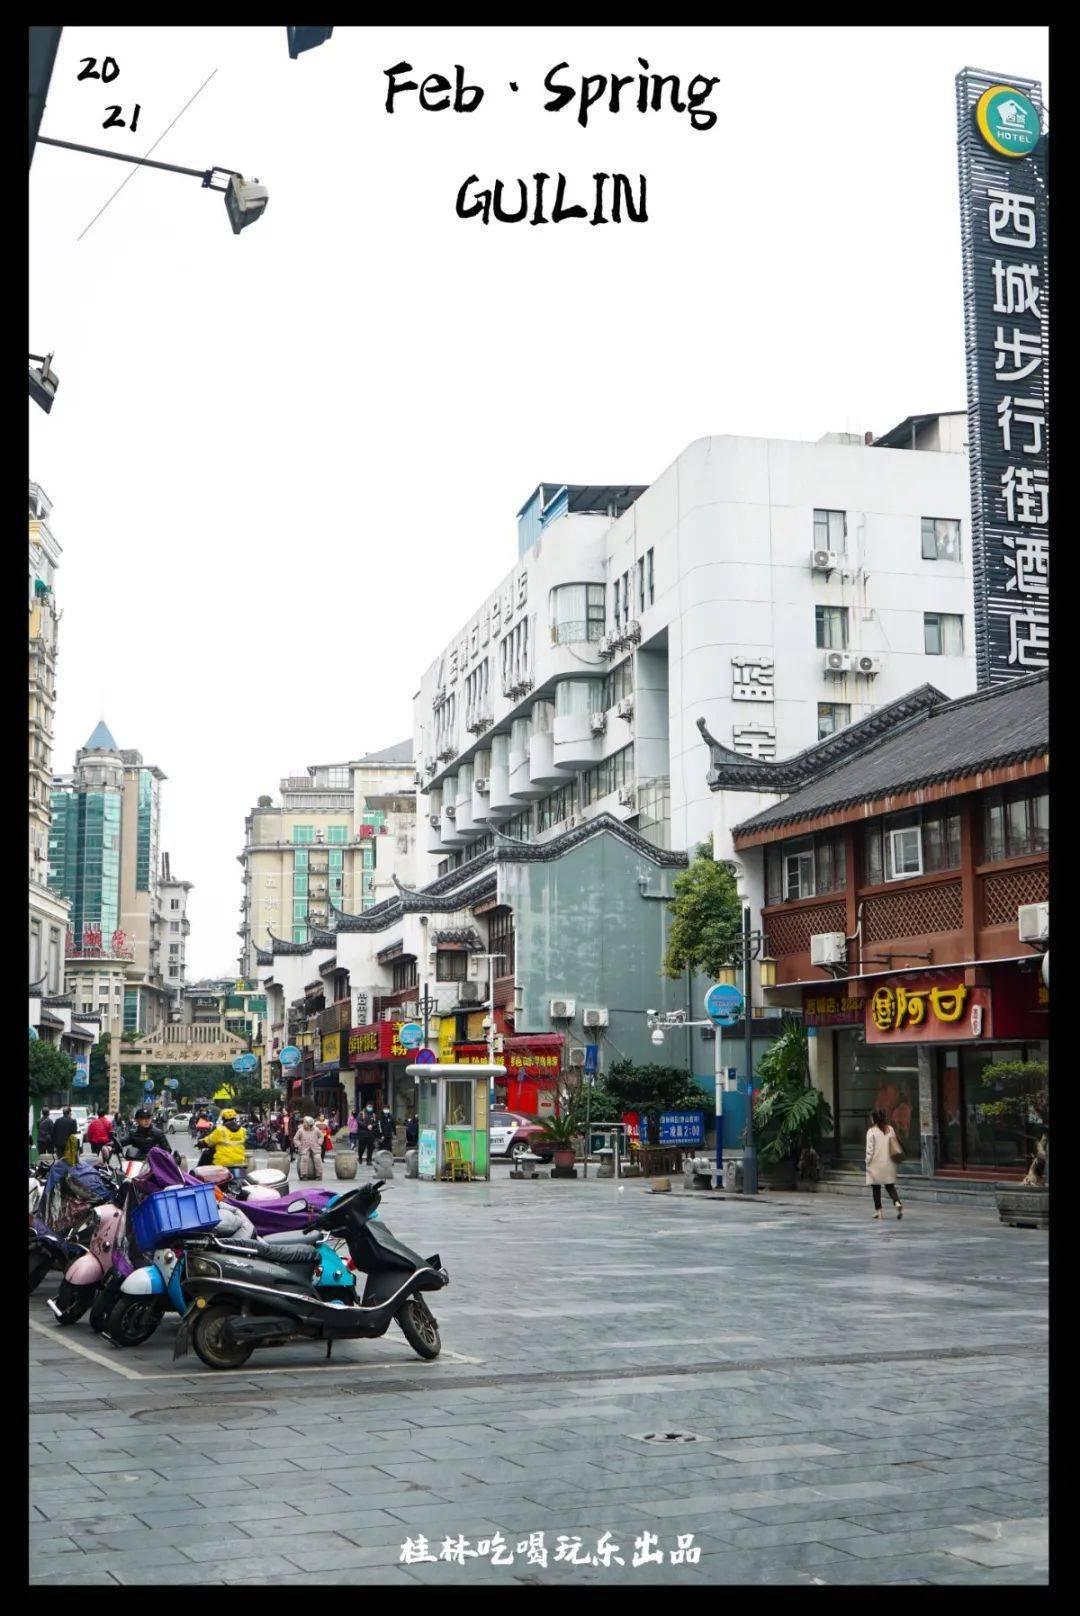 藏在桂林繁华街道的宝藏东北菜馆,火出圈的竟然是馅饼!